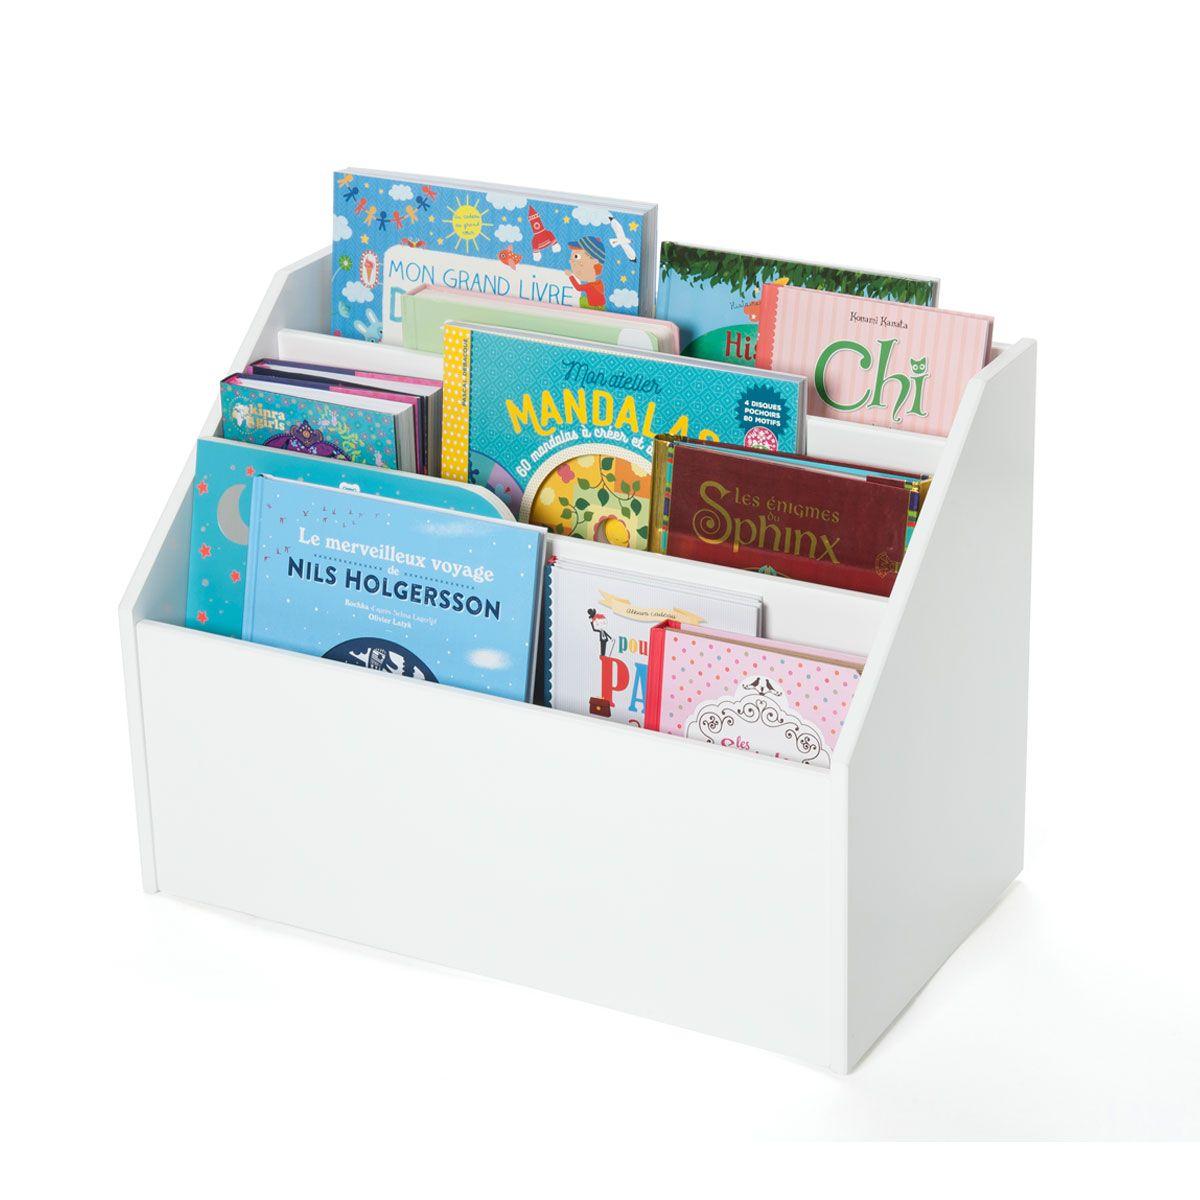 biblioth que sur roulettes izi move oxybul pour enfant de. Black Bedroom Furniture Sets. Home Design Ideas